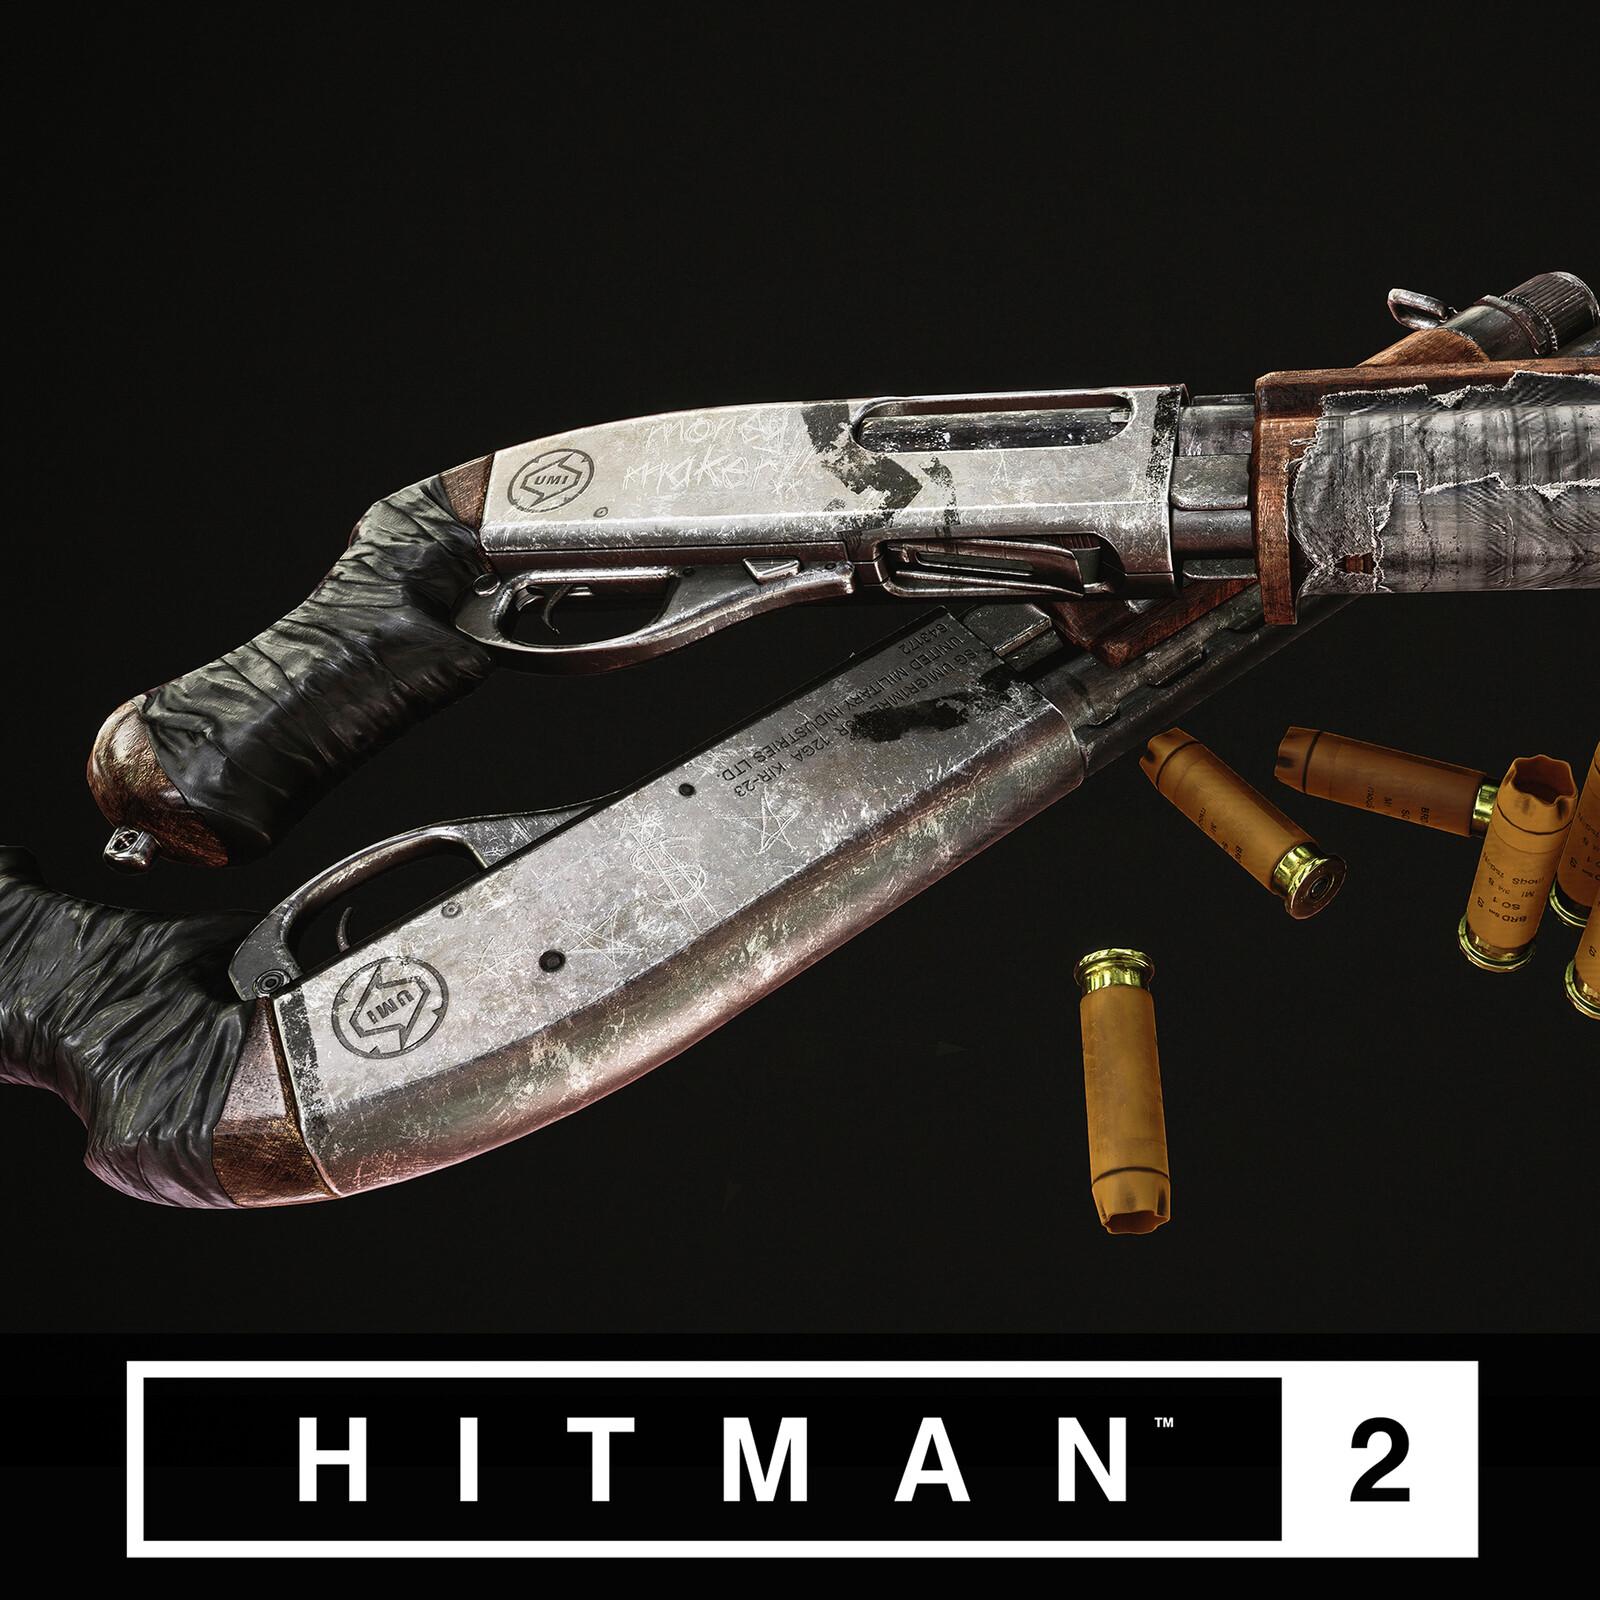 Hitman 2 - Sawed Off Shotgun